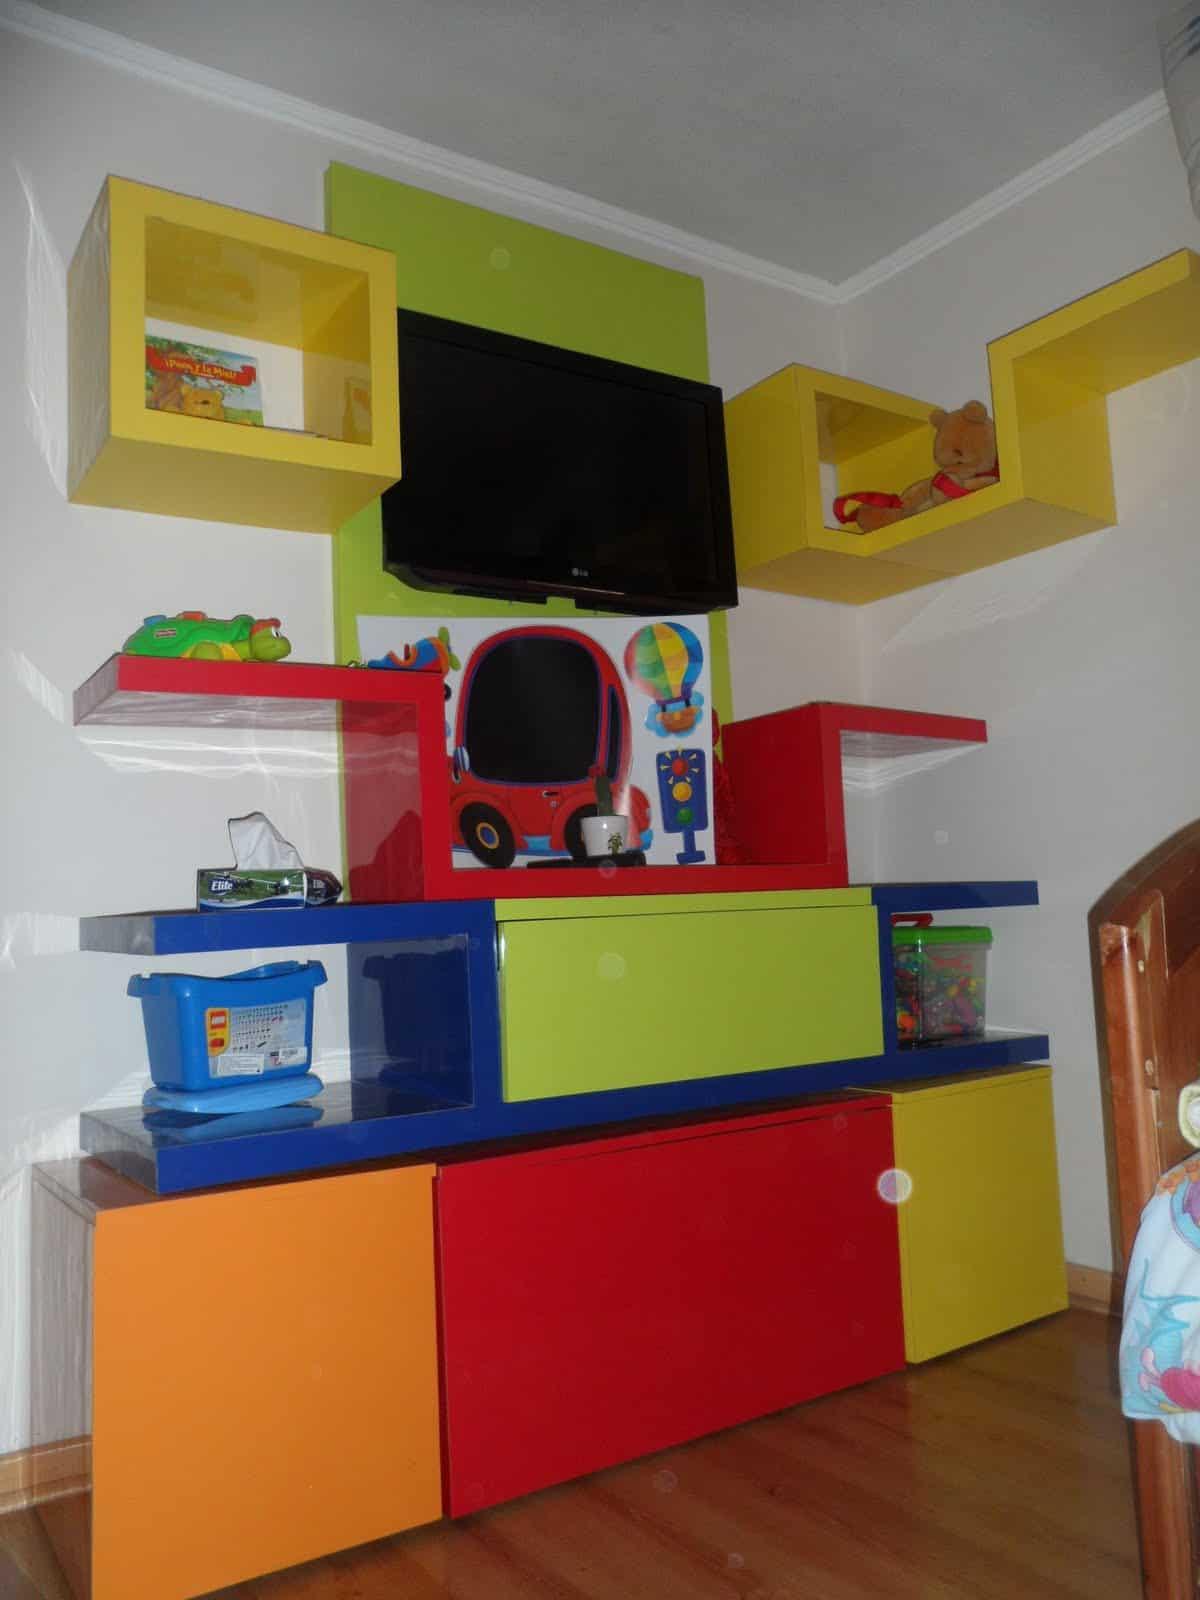 Decoraciones para que los niños crezcan - VisitaCasas.com